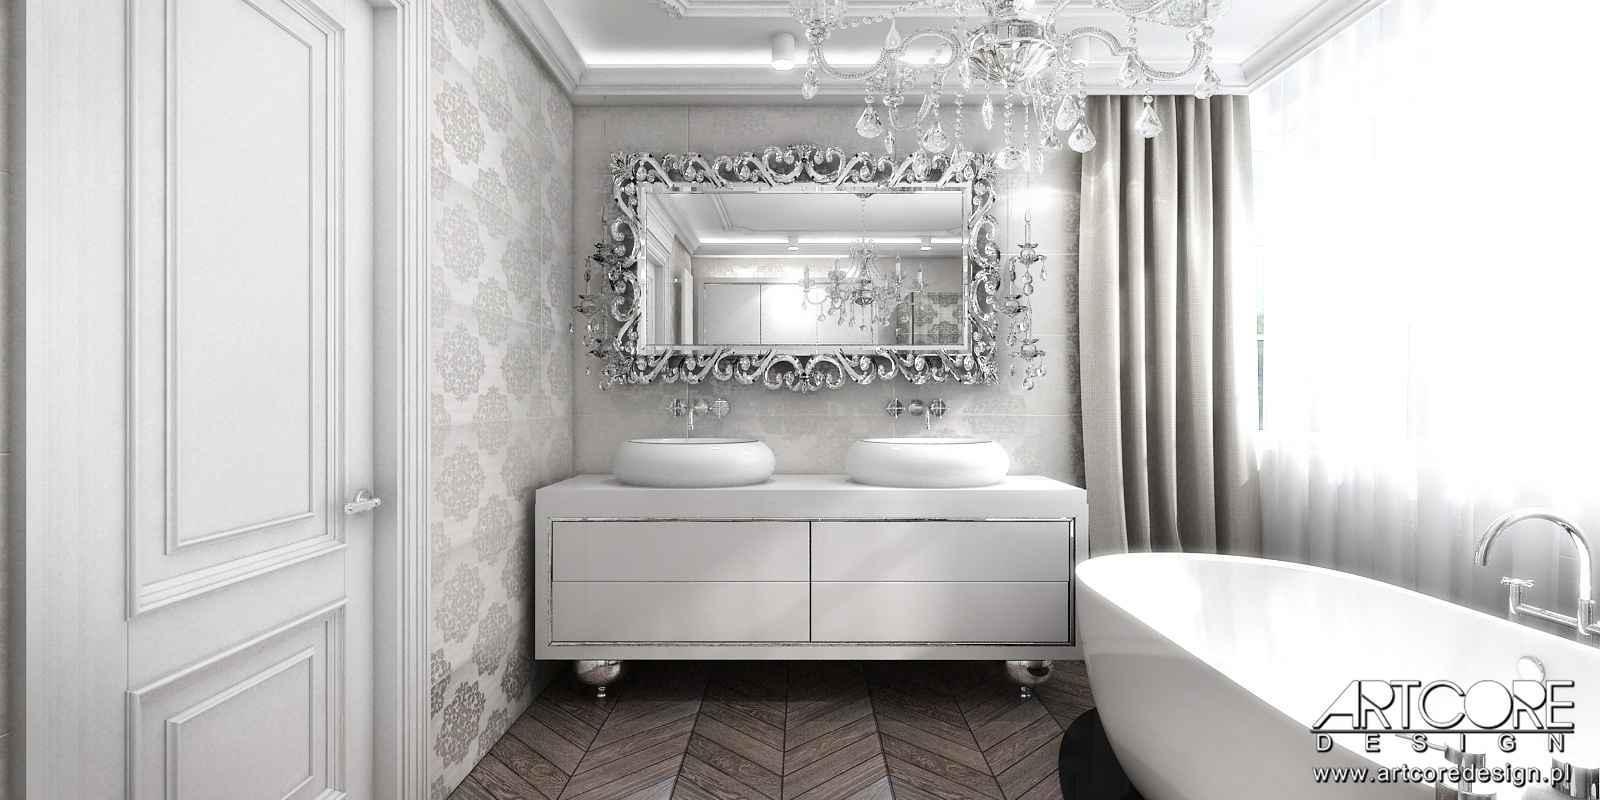 wystroj projektowanego wnętrza klasycznej łazienki w krakowie